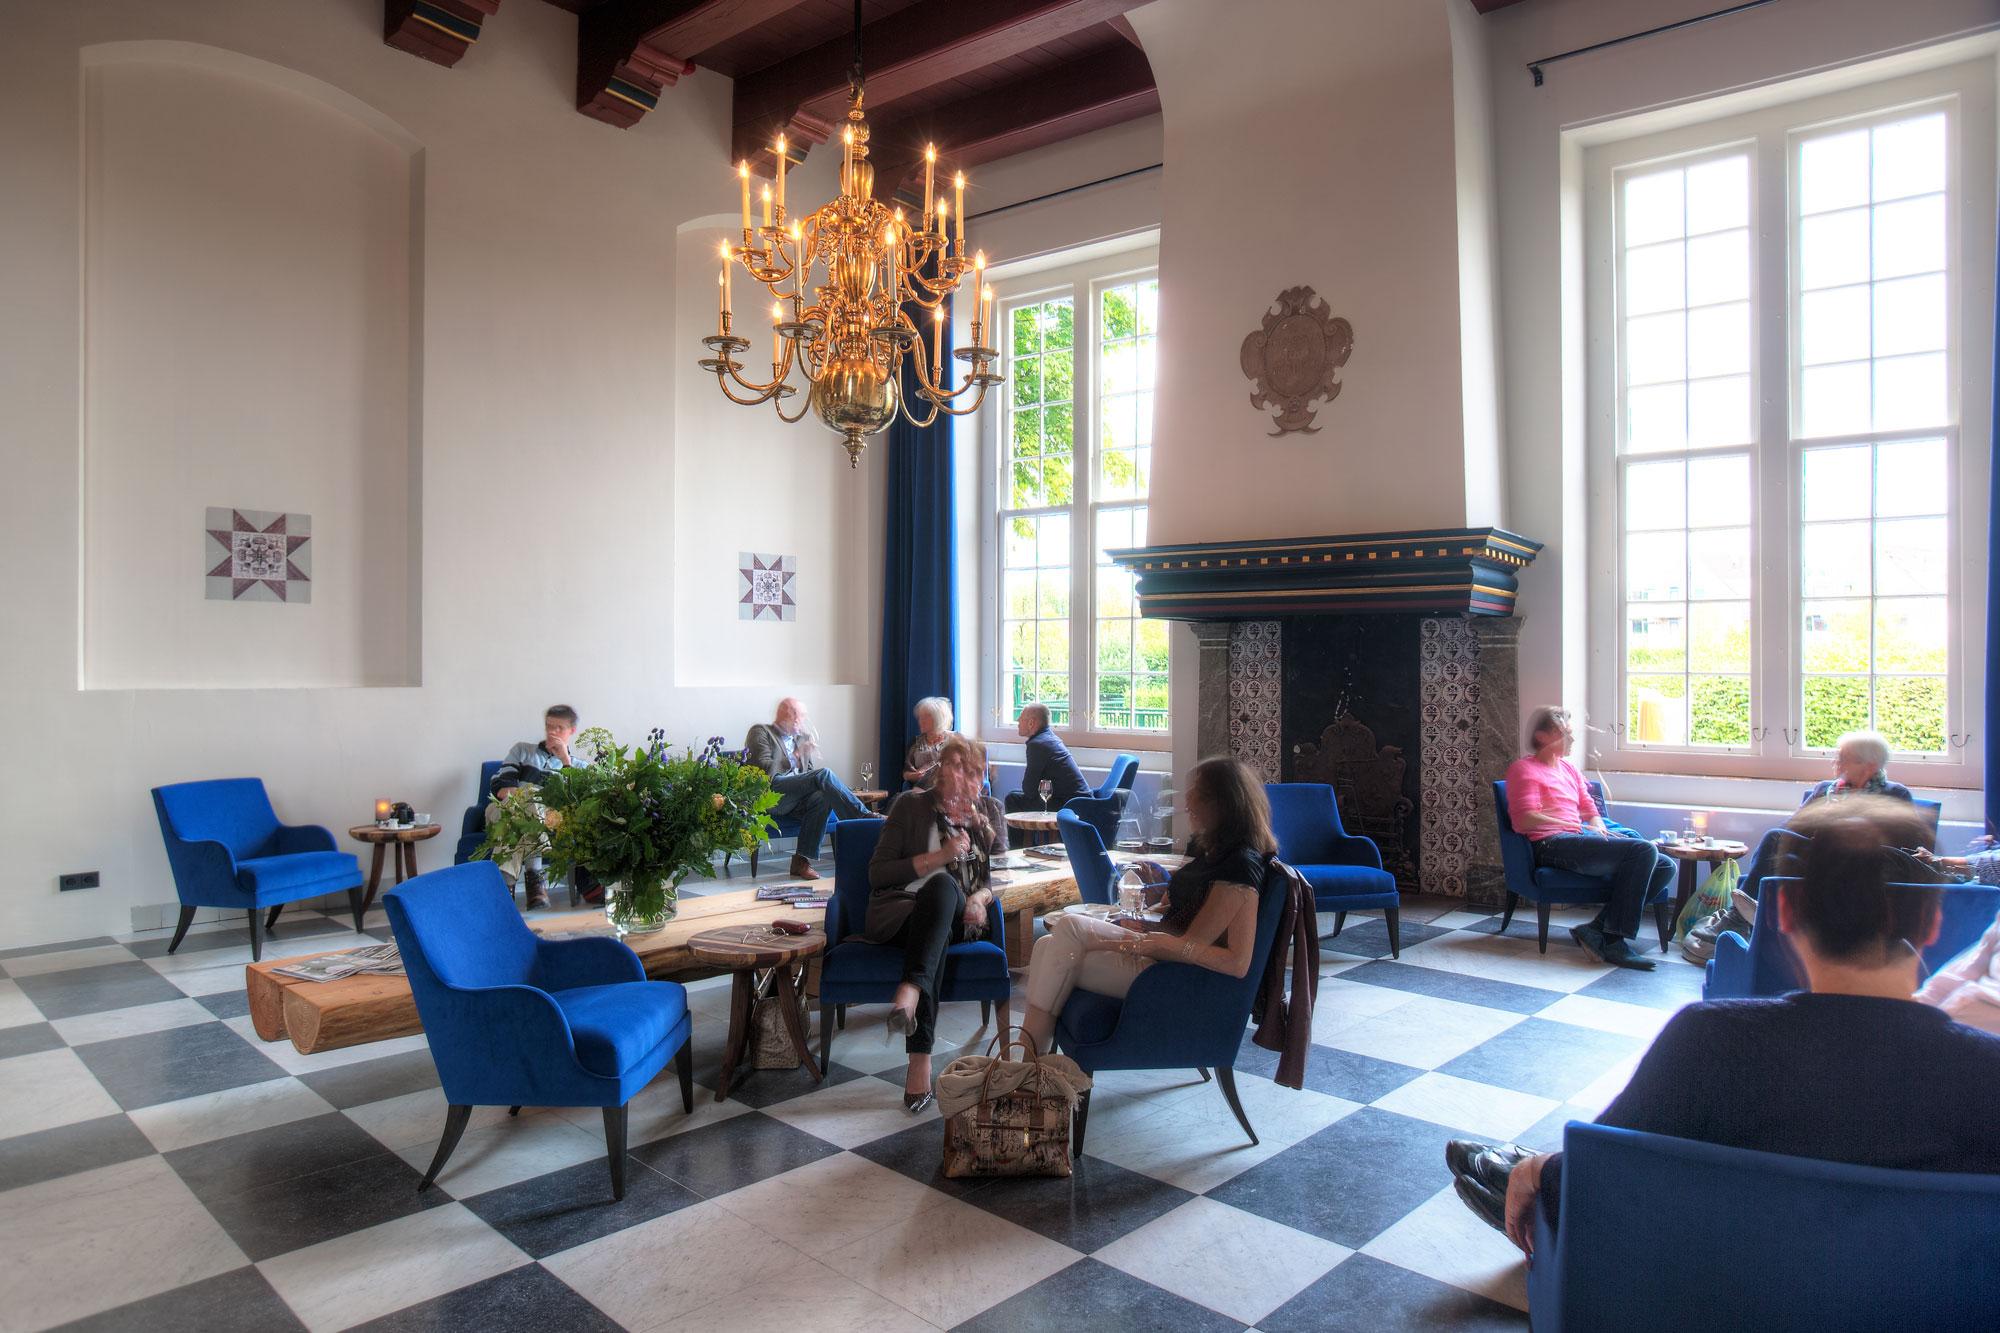 Hotel Prinsenhof 5